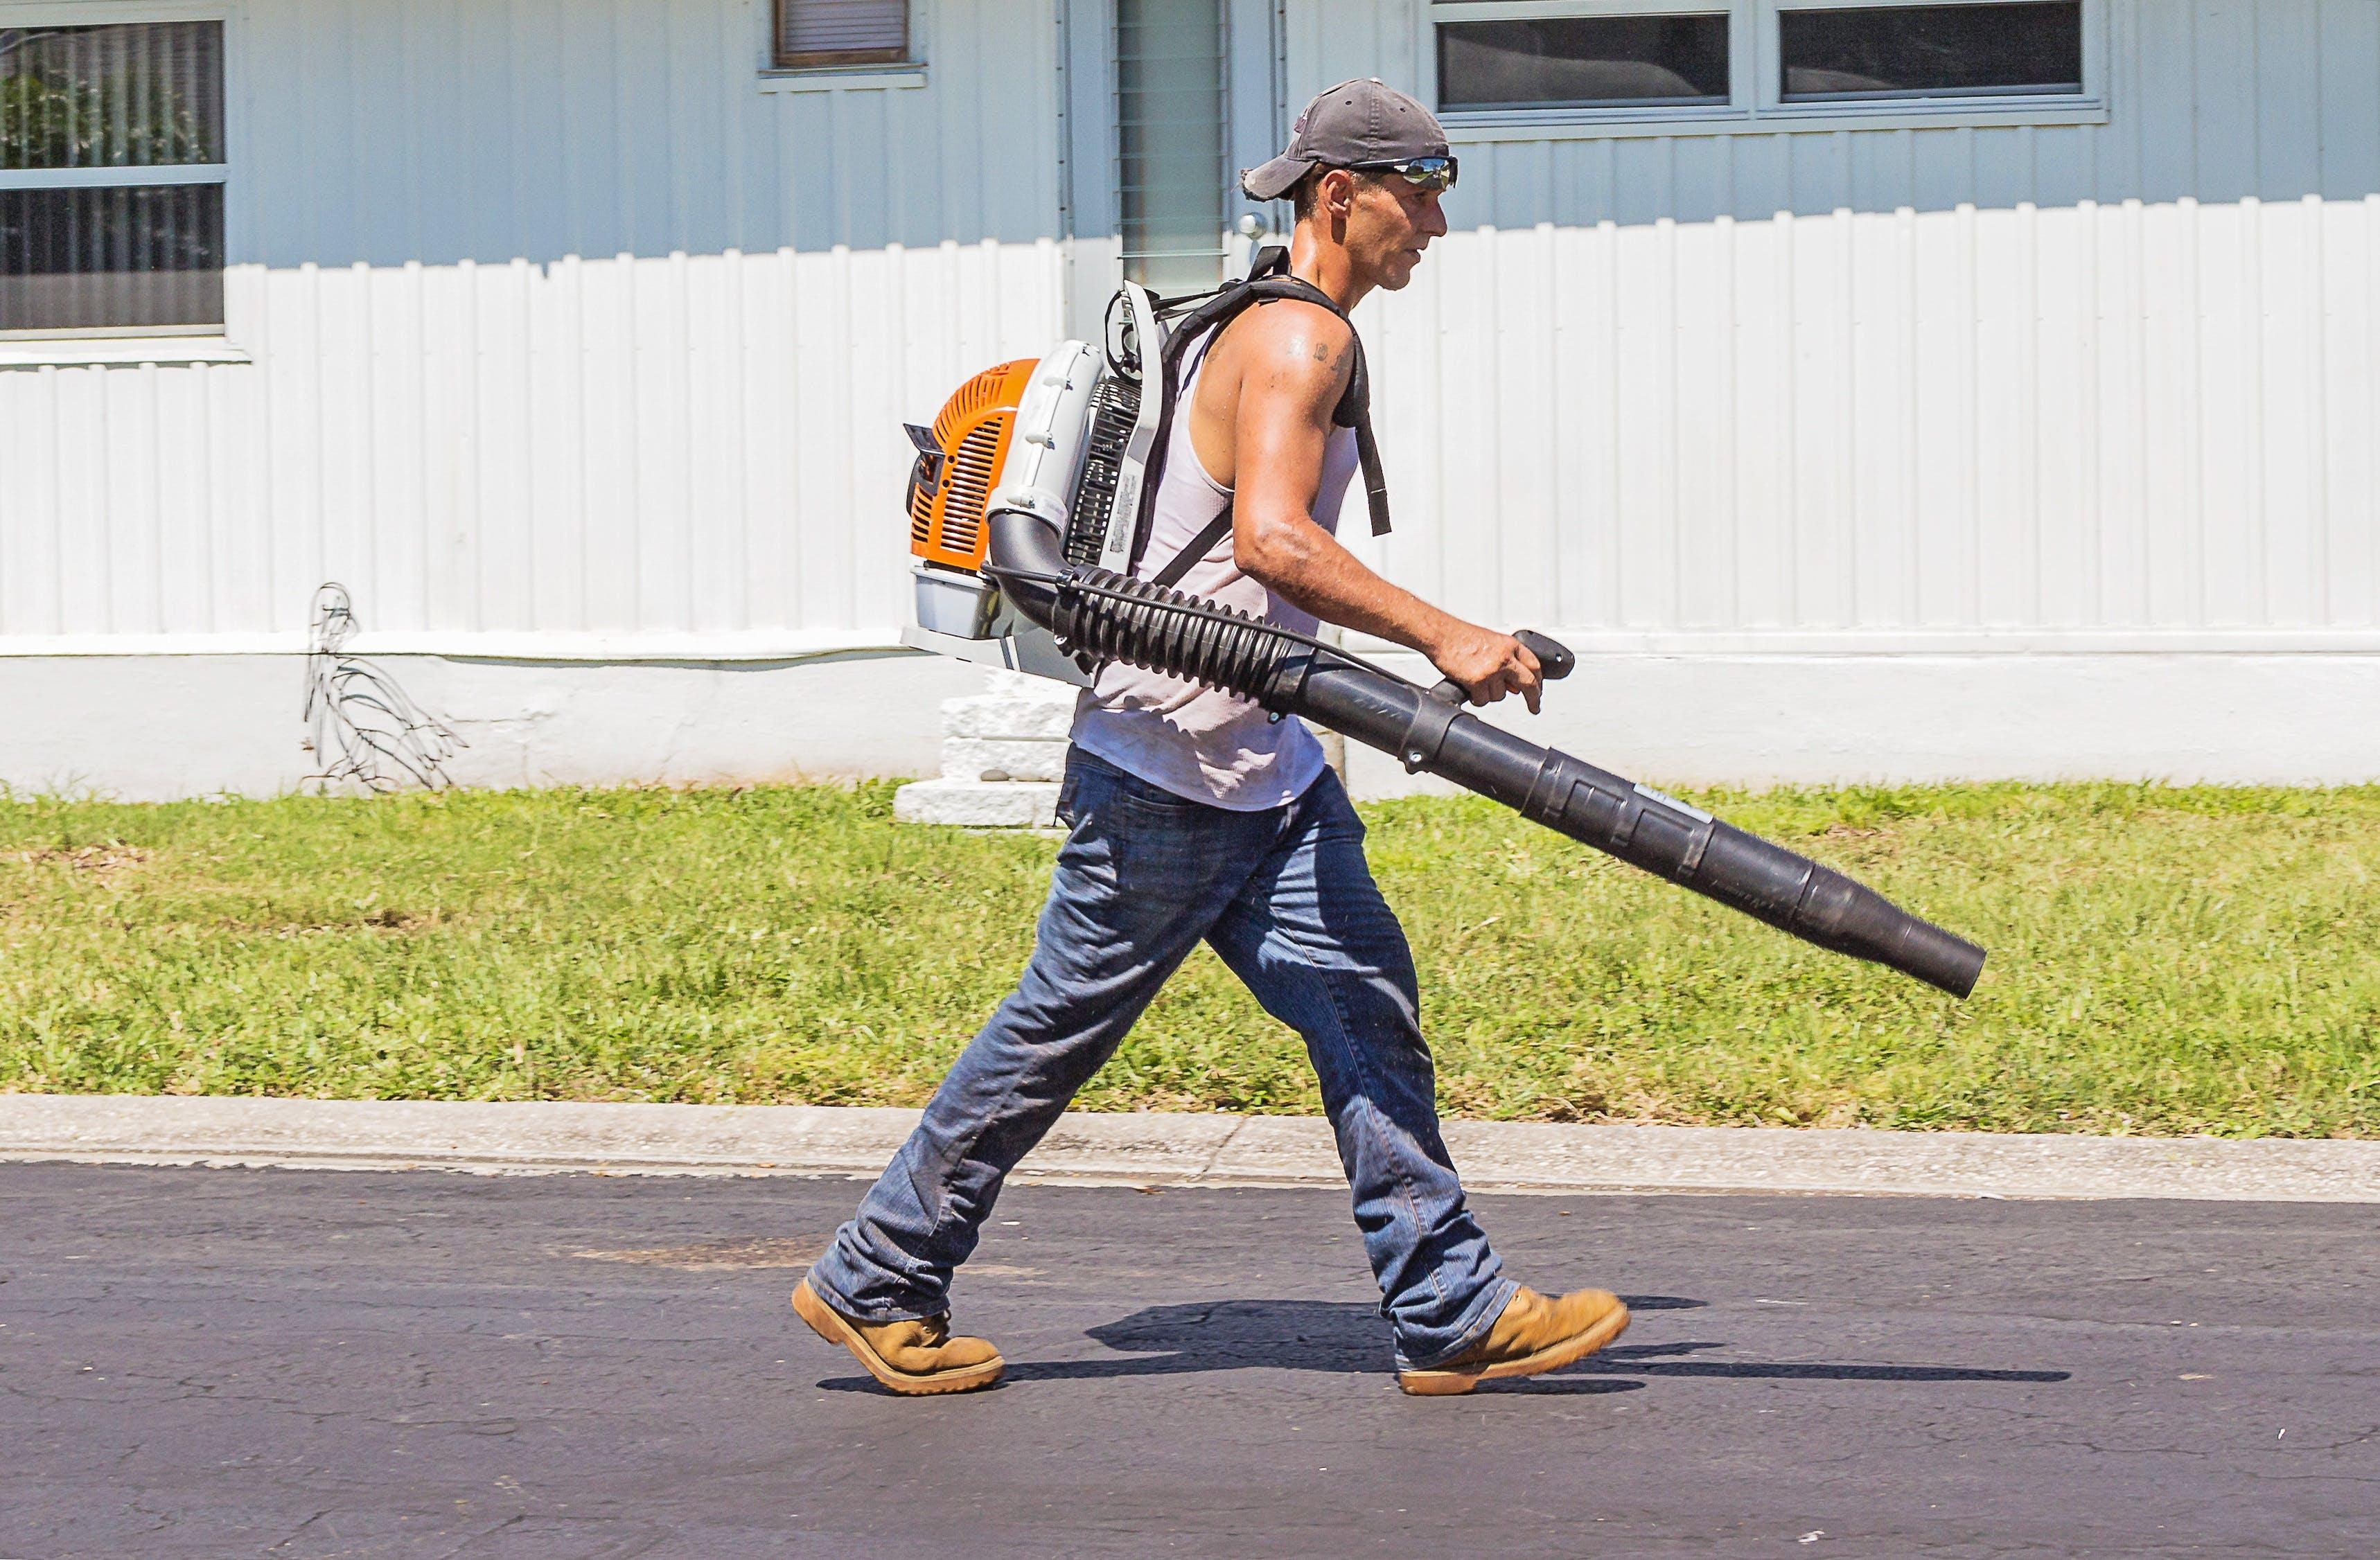 Kostenloses Stock Foto zu arbeiter, bürgersteig, draußen, erwachsener